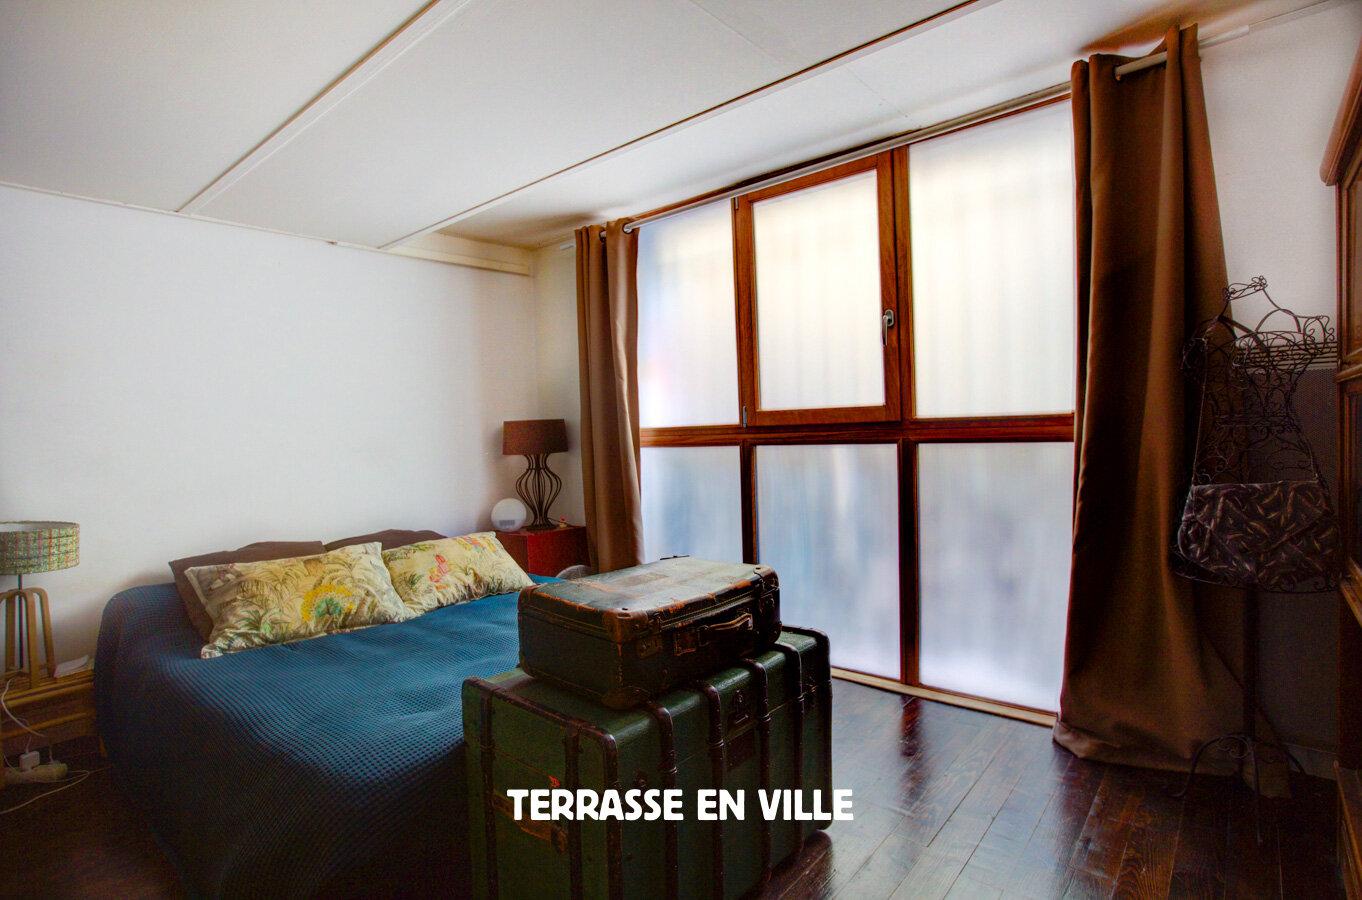 TERRASSE EN VILLE-15.jpg